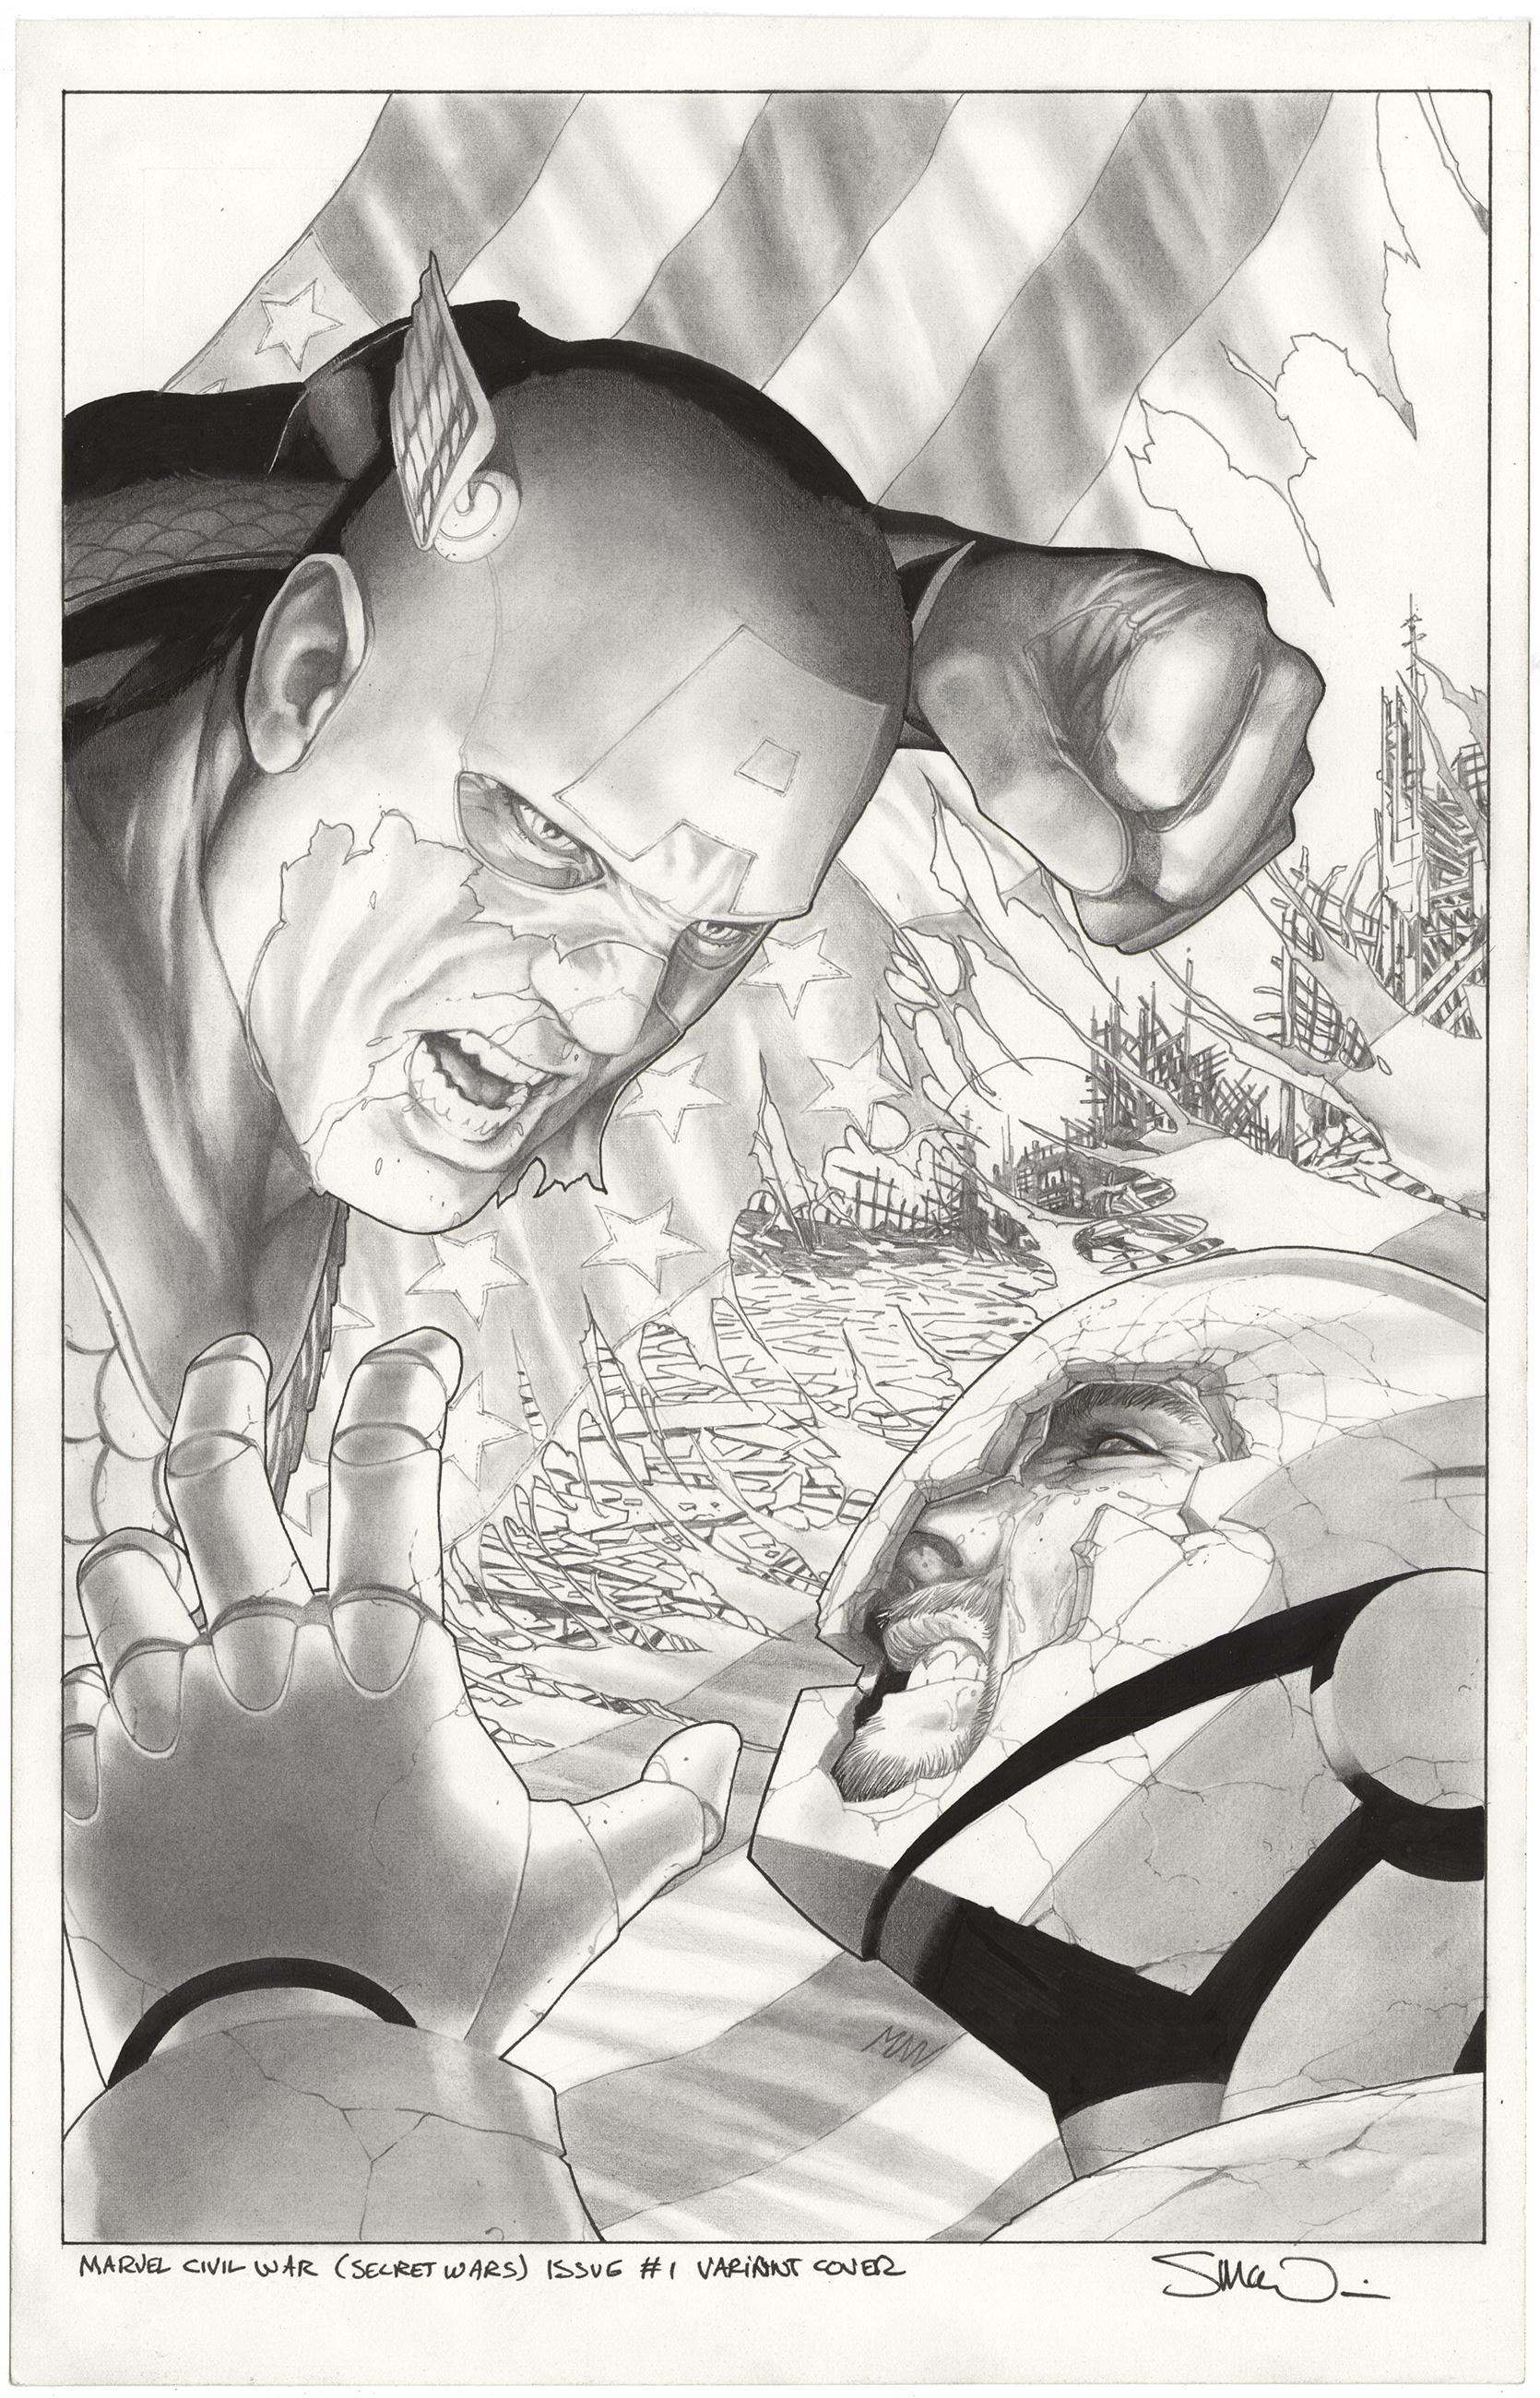 Secret Wars: Civil War #1 Variant Cover